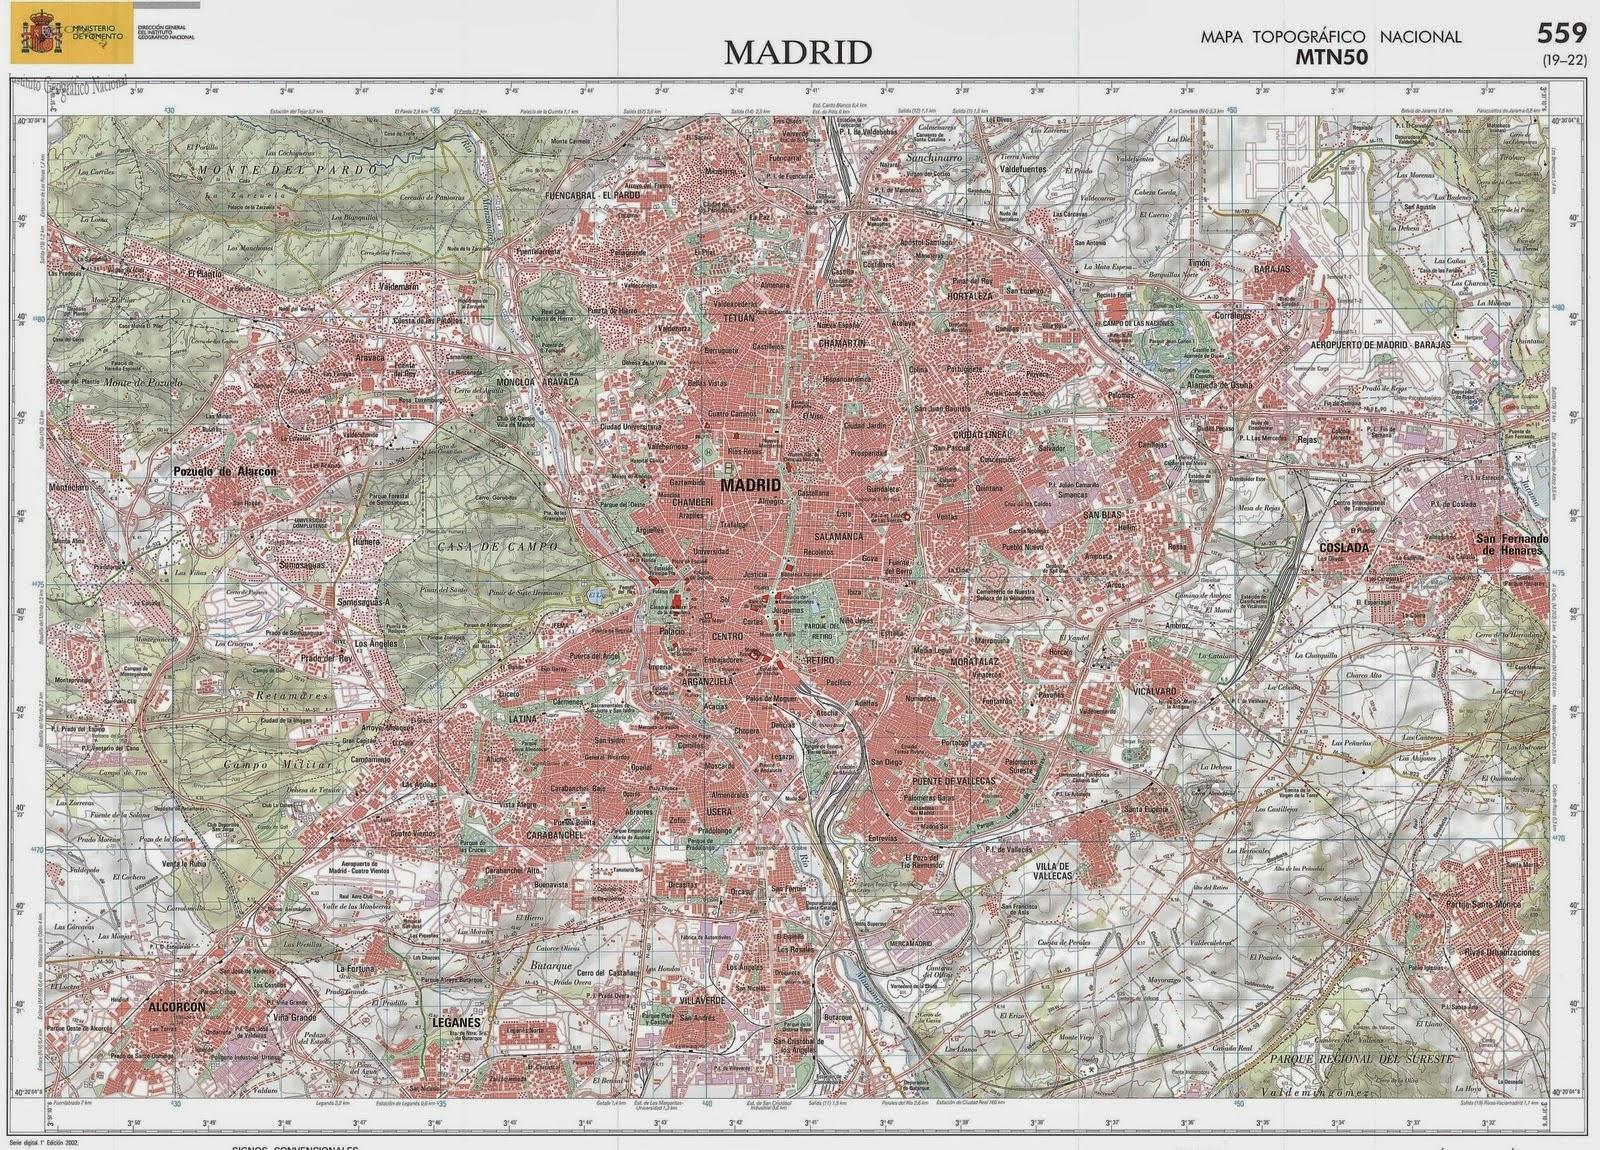 Red Geogrfica 2 Mapa Topogrfico Nacional MTN Hoja 559 Madrid